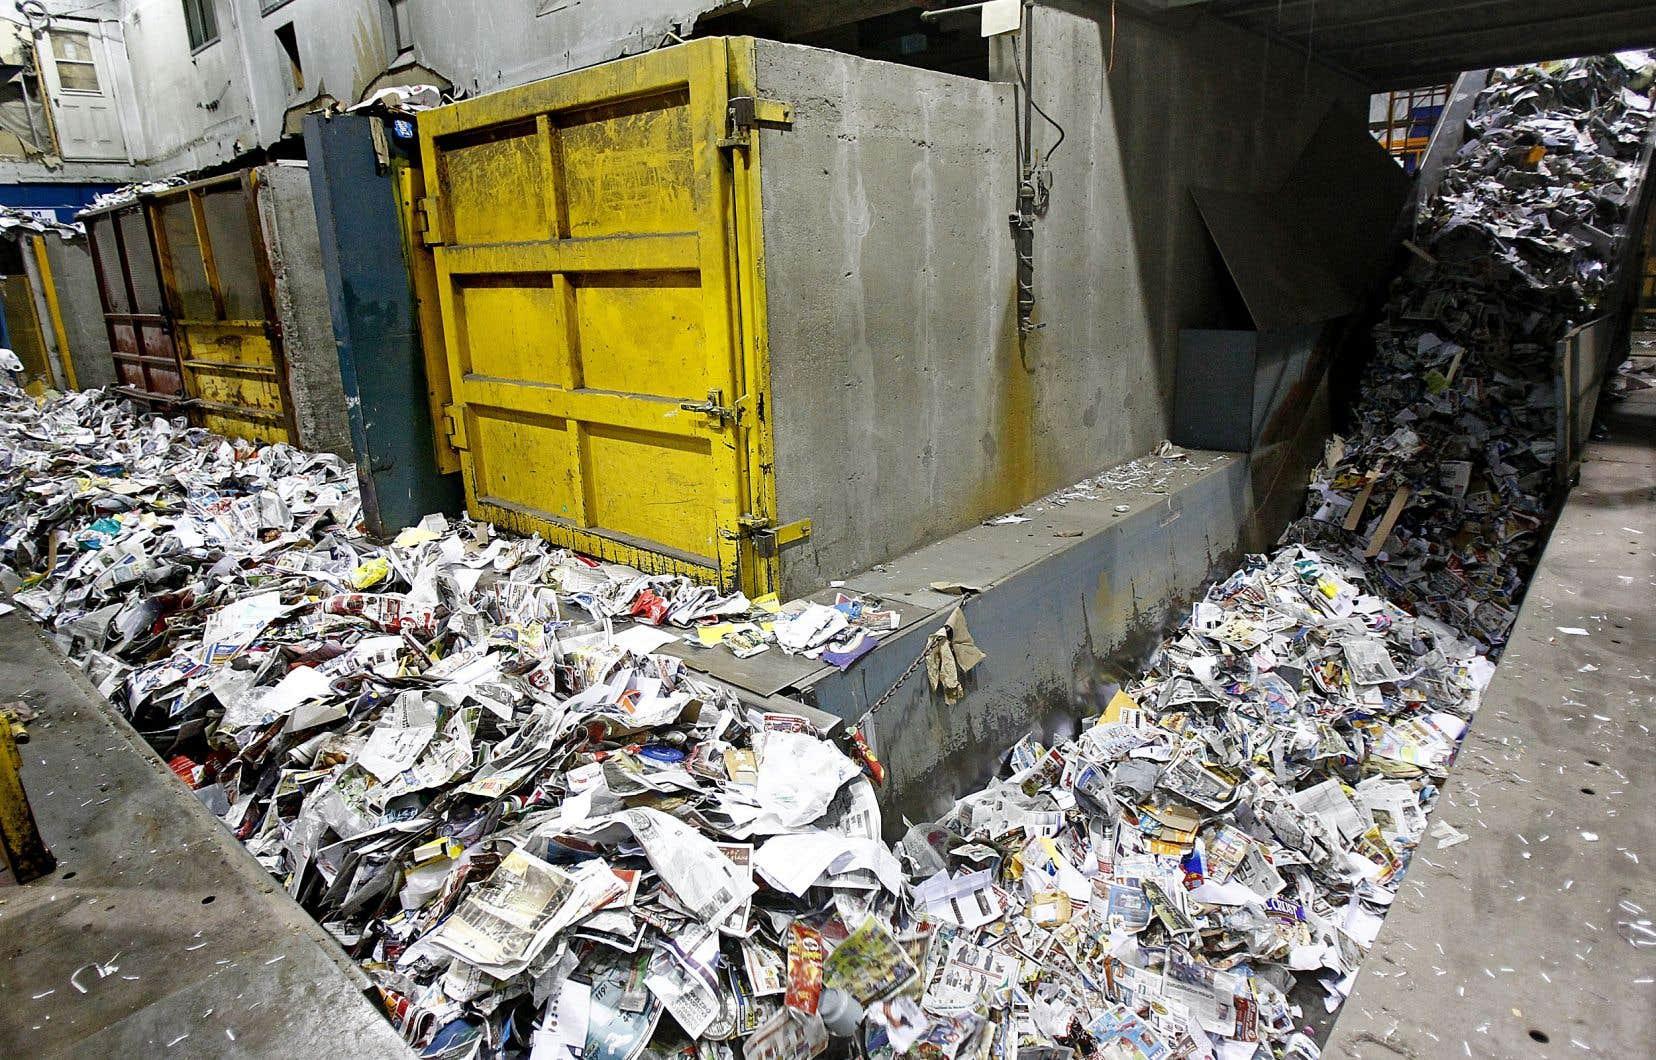 Les médias imprimés participent au financement de la collecte sélective des municipalités, mais la facture ne cesse de grimper.